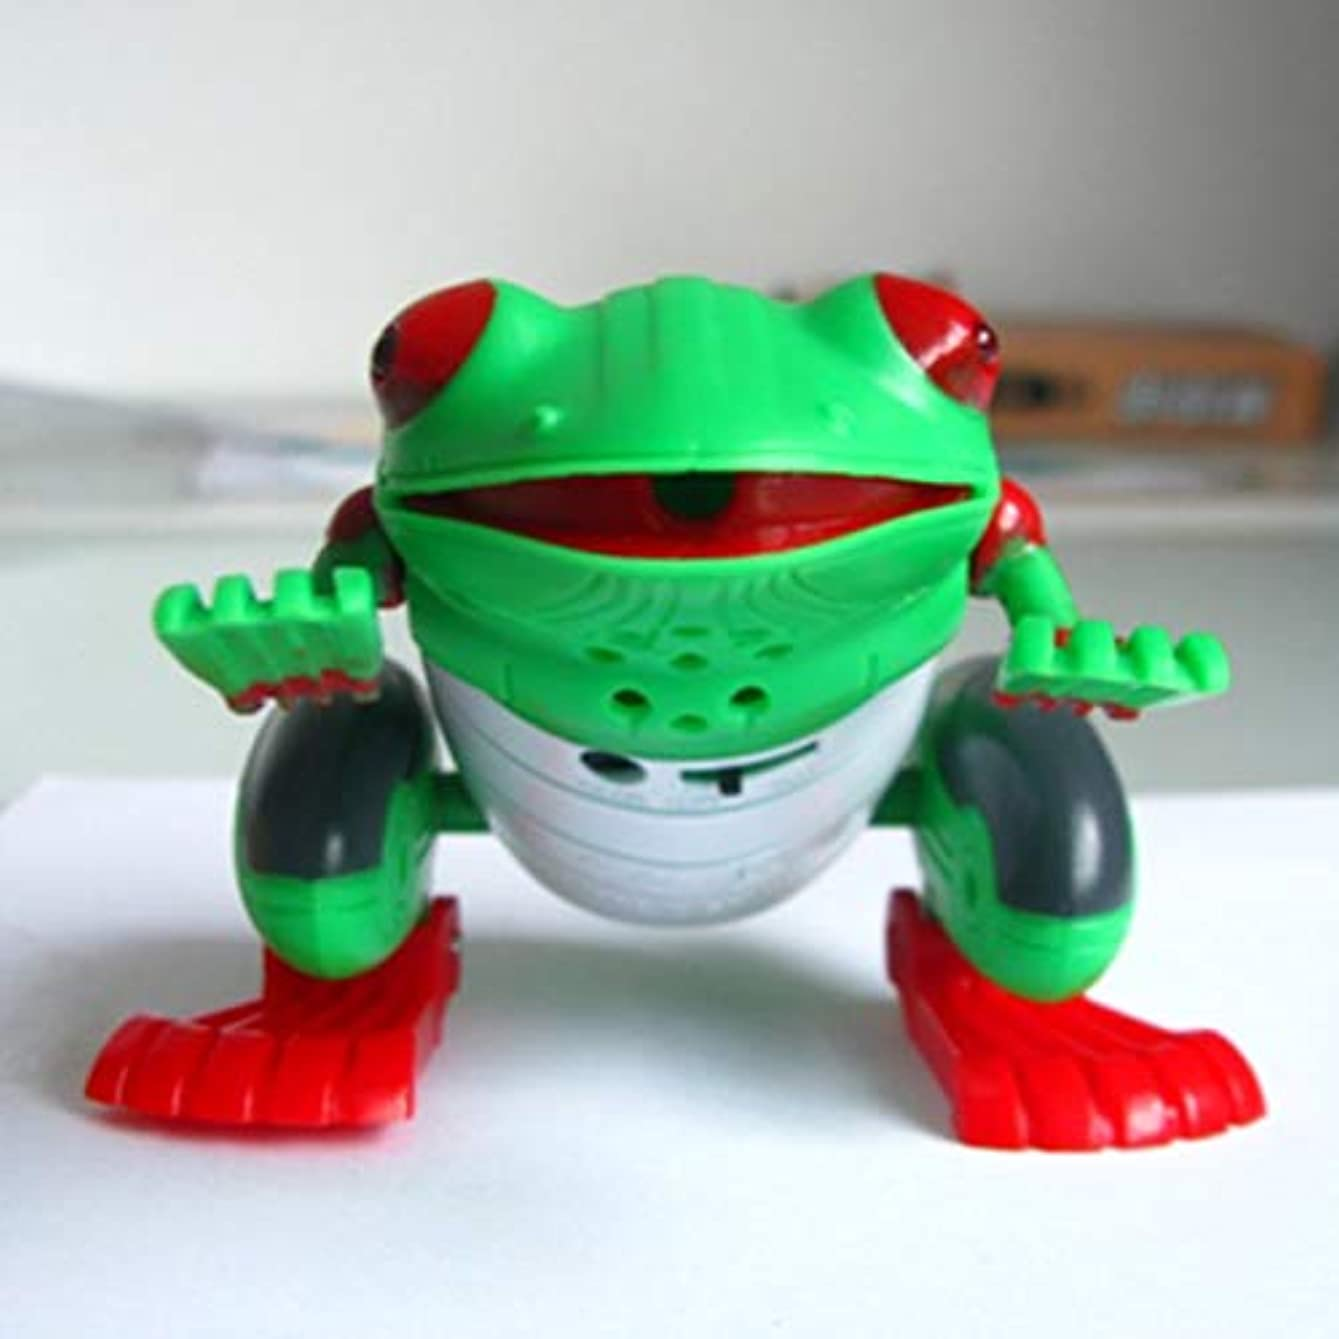 意図的きゅうりグリーンランドDeeploveUU 赤外線リモートコントロール現実的な偽カエルRCいたずら昆虫バグジョーク怖いトリック玩具子供ギフトハロウィンパーティーサプライズ